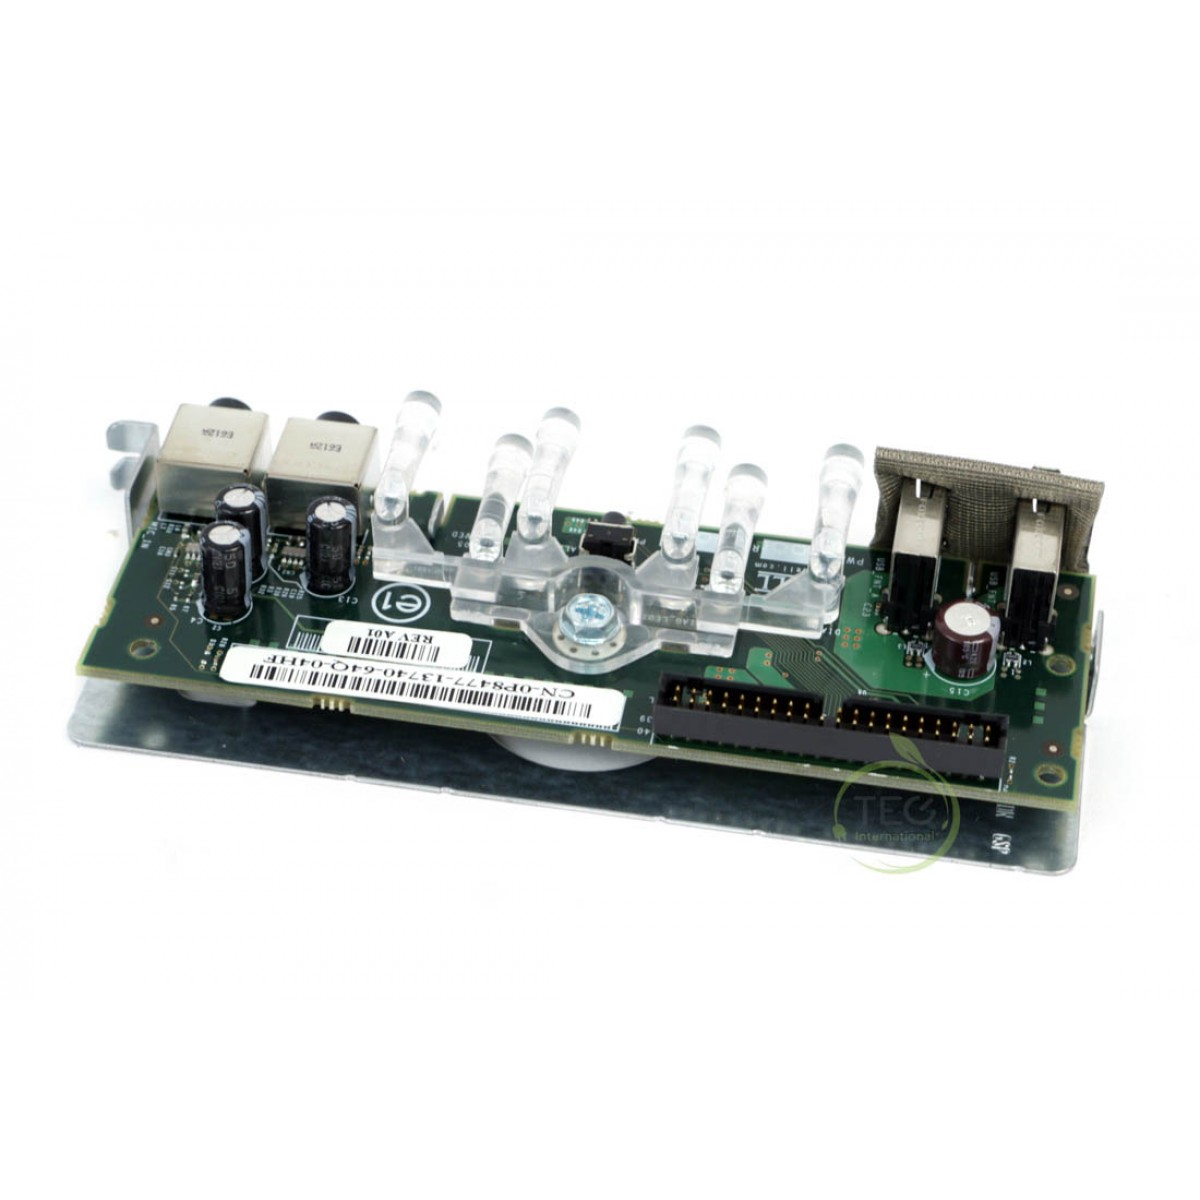 Dell 0P8477 Control Panel GX620